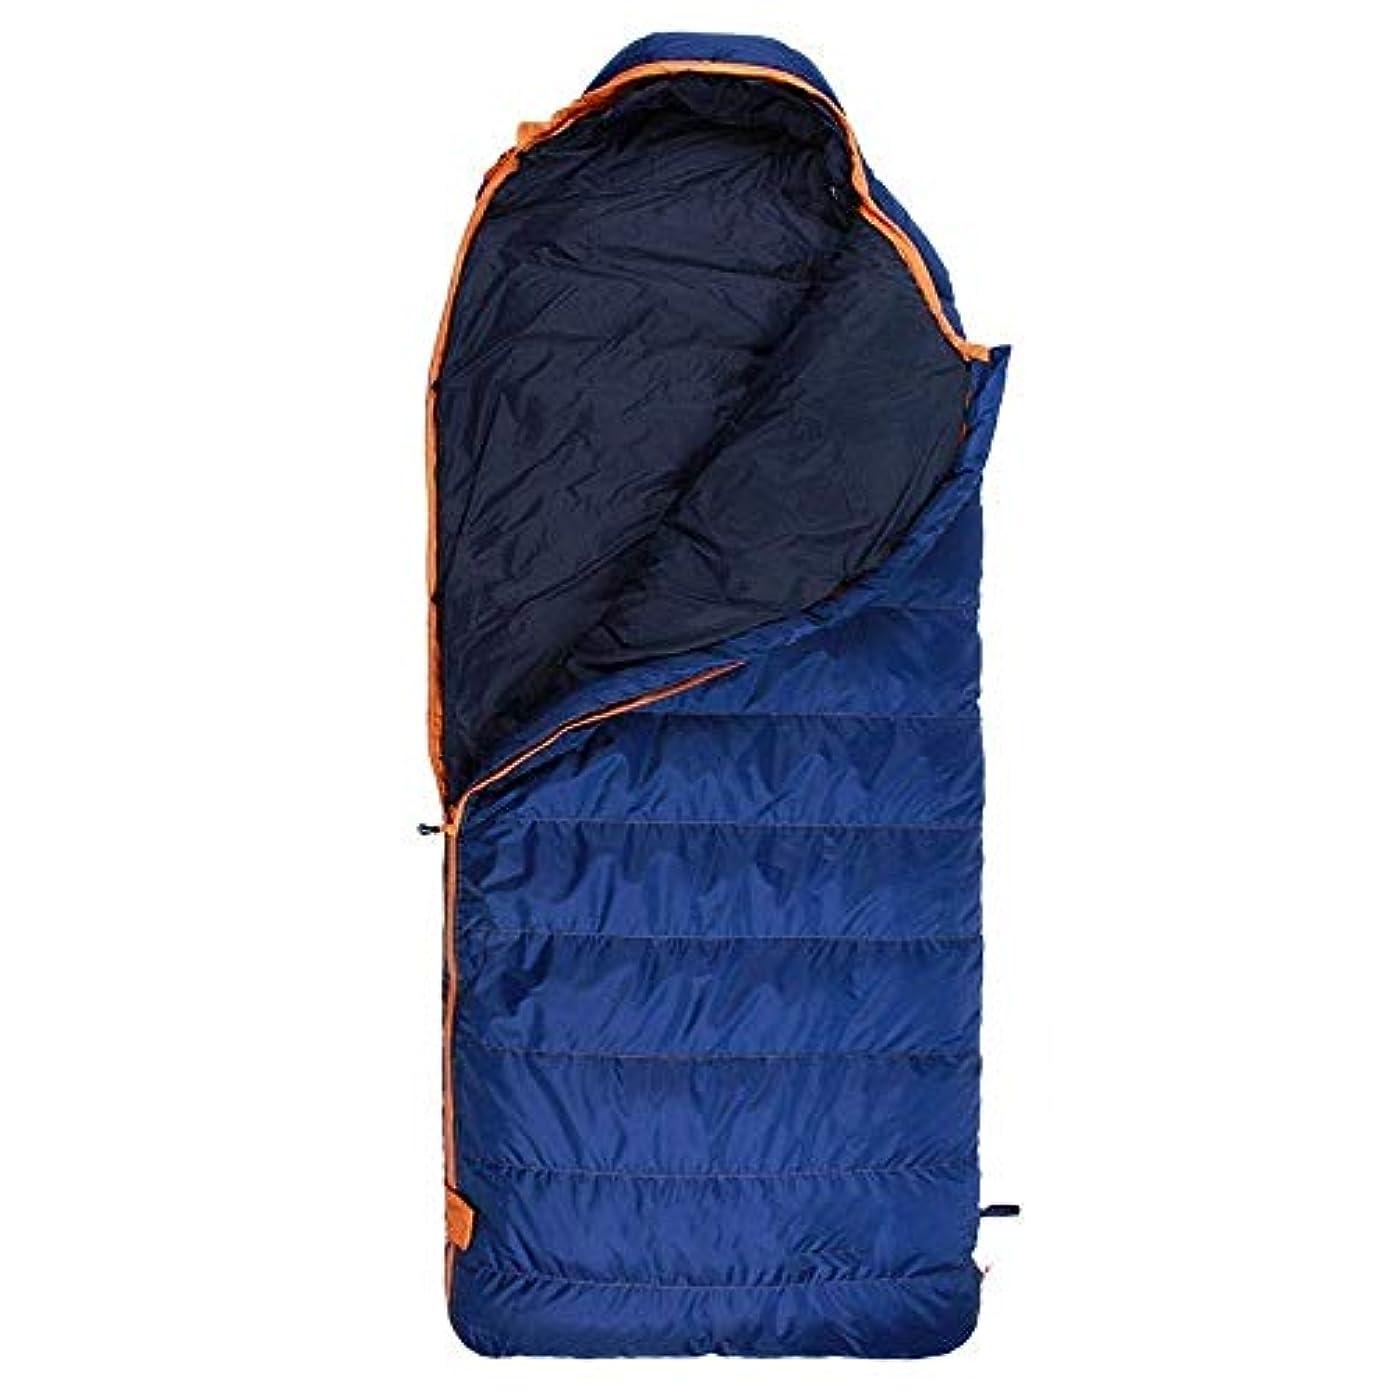 出席衣類金額寝袋超軽量キャンプ寝袋暖かくて軽量シングル3-4シーズン用大人ハイキングバックパックアウトドアアクティビティブルー(サイズ:400g)